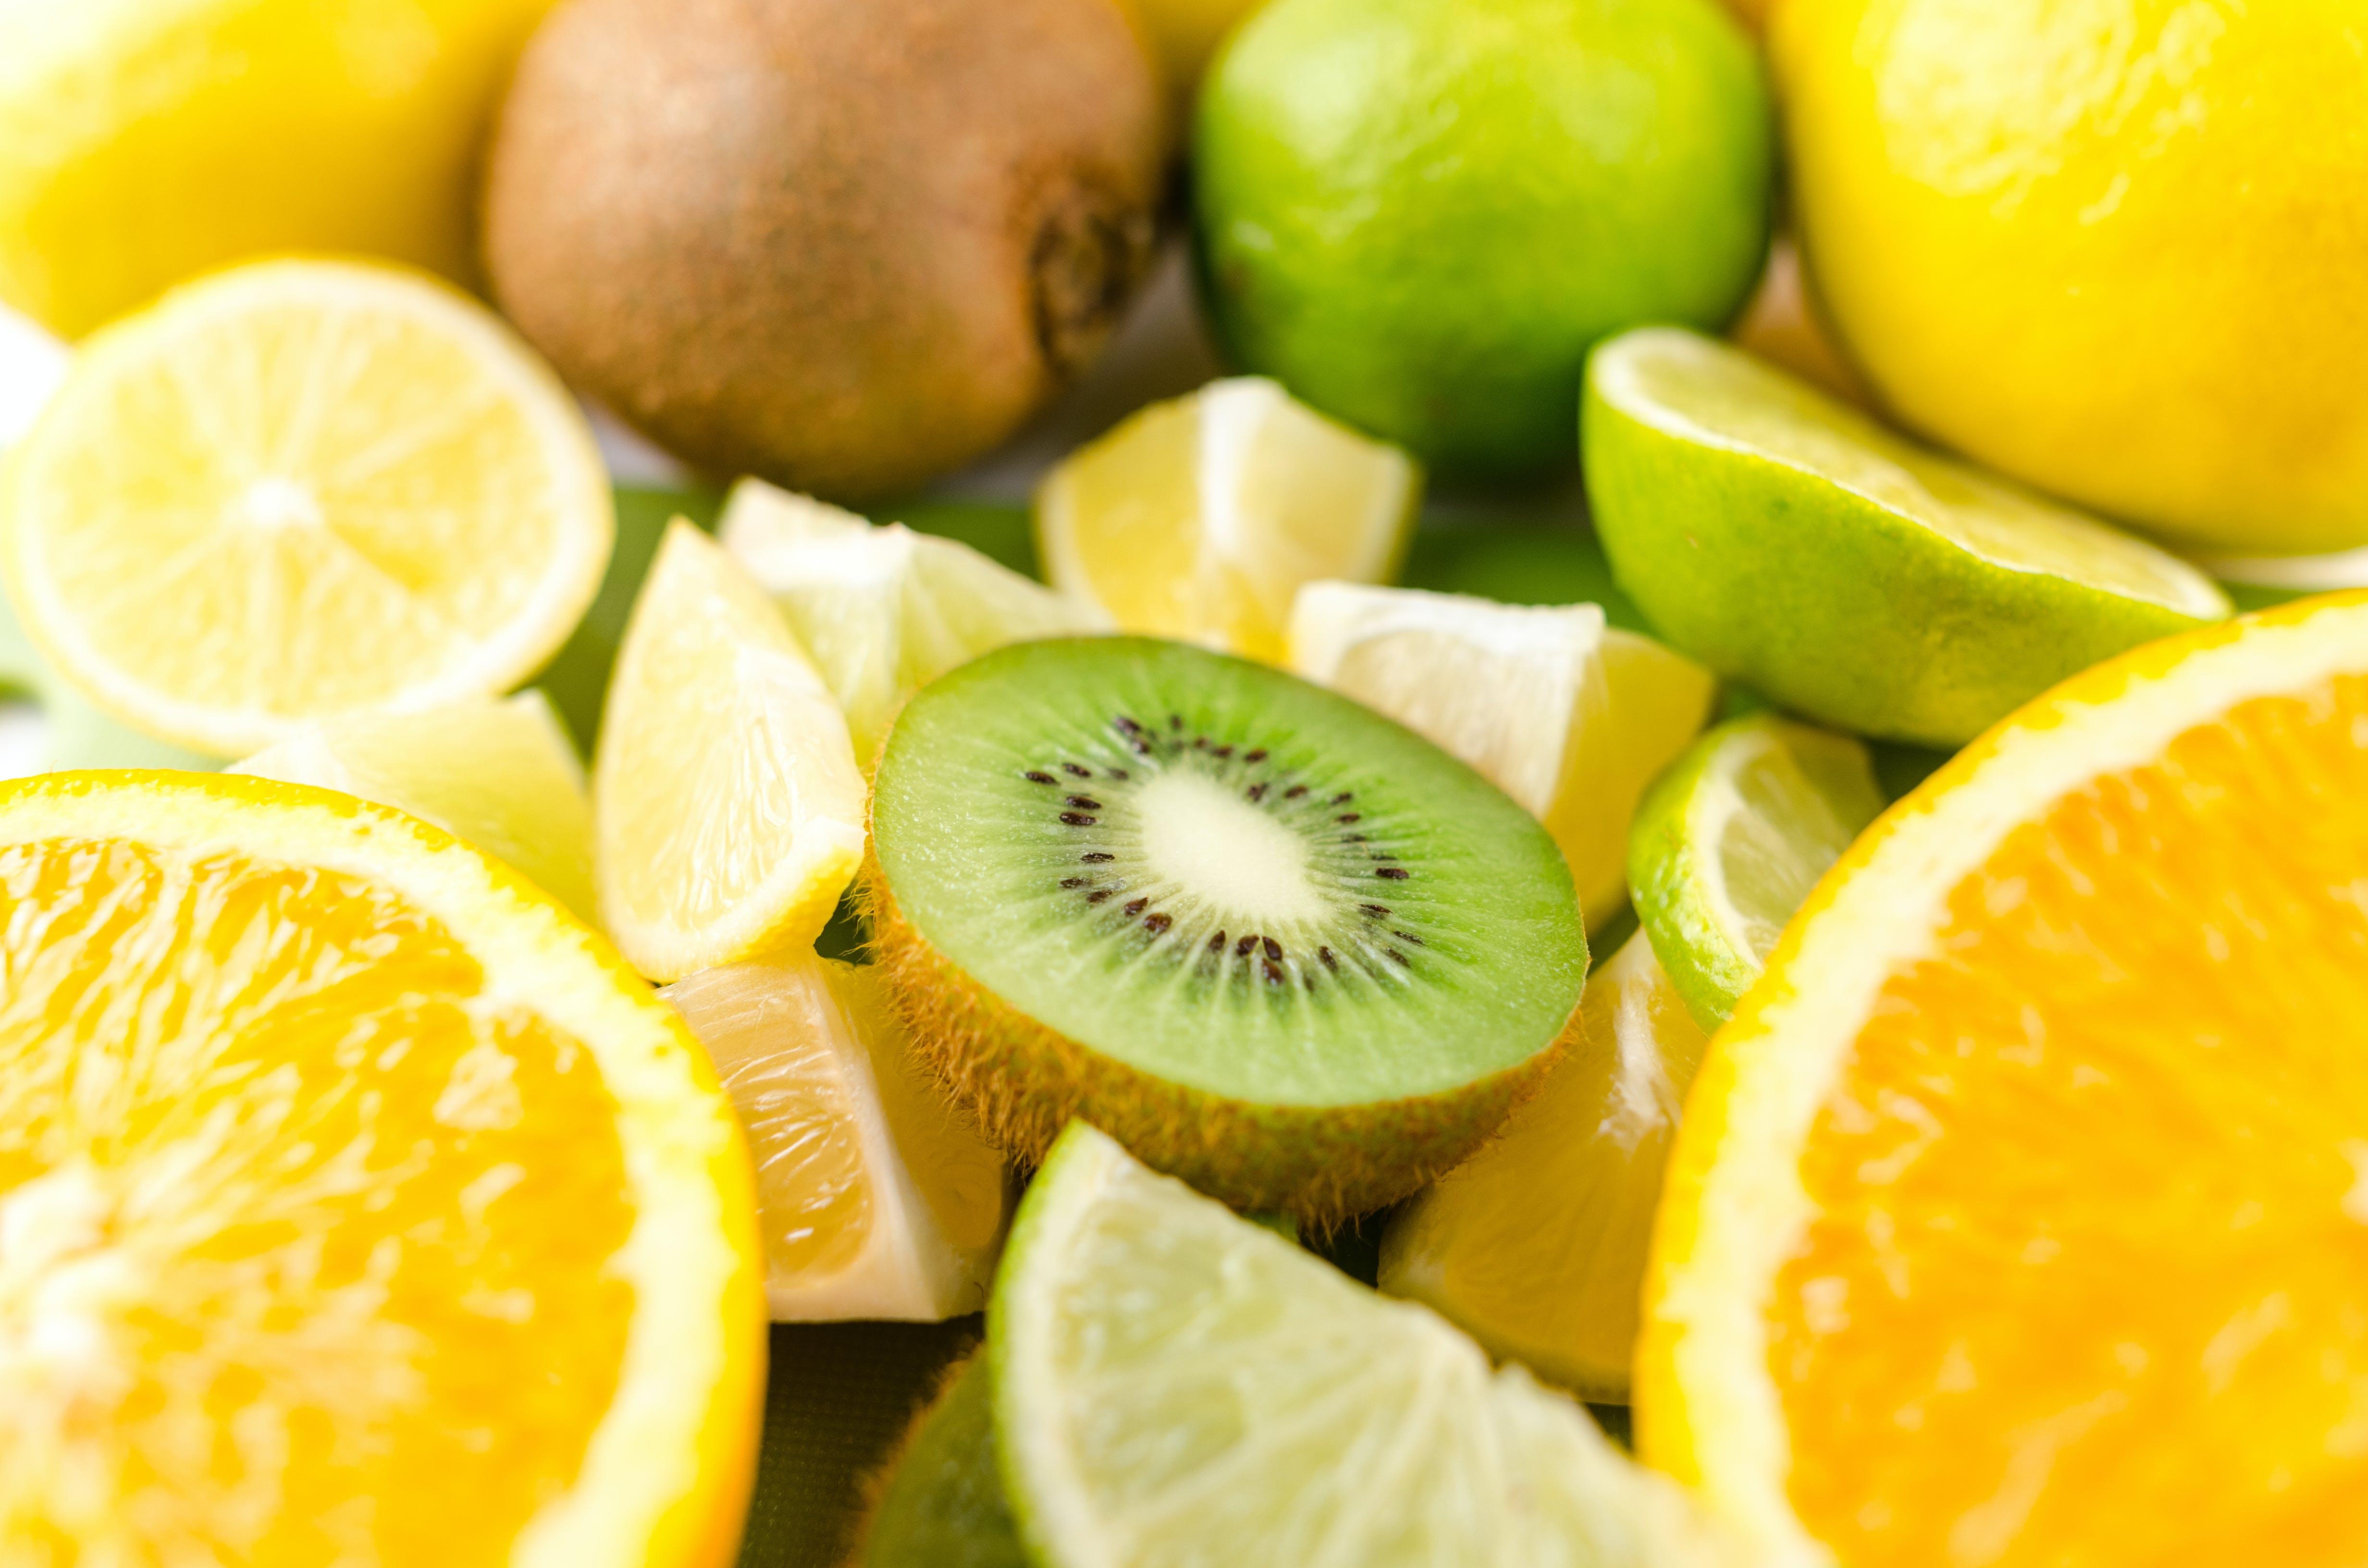 Photo of Slices of Kiwi, Lime, and Orange Fruits